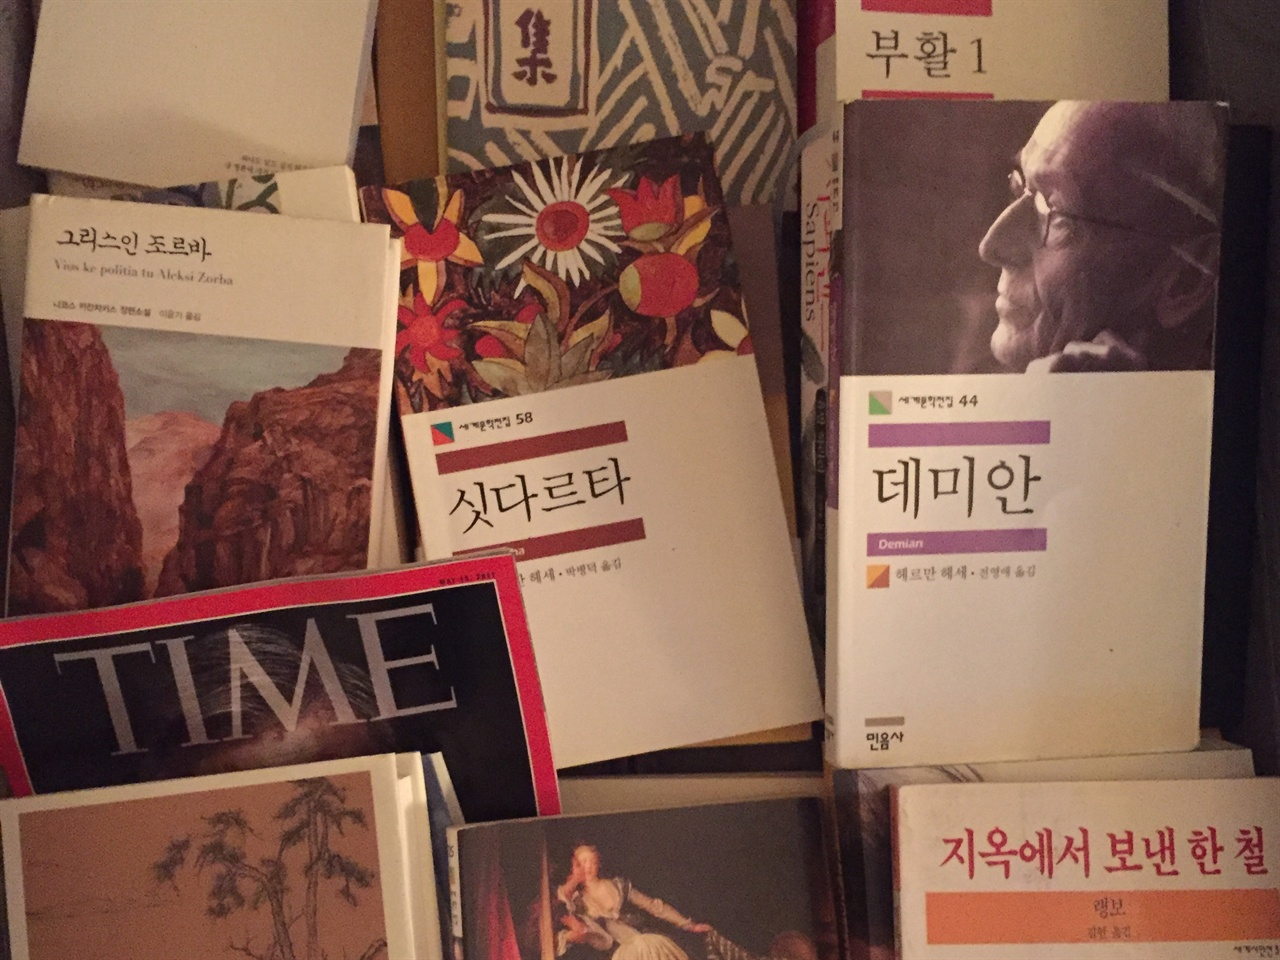 여행용 캐리어에 잔뜩 실어 온 책들